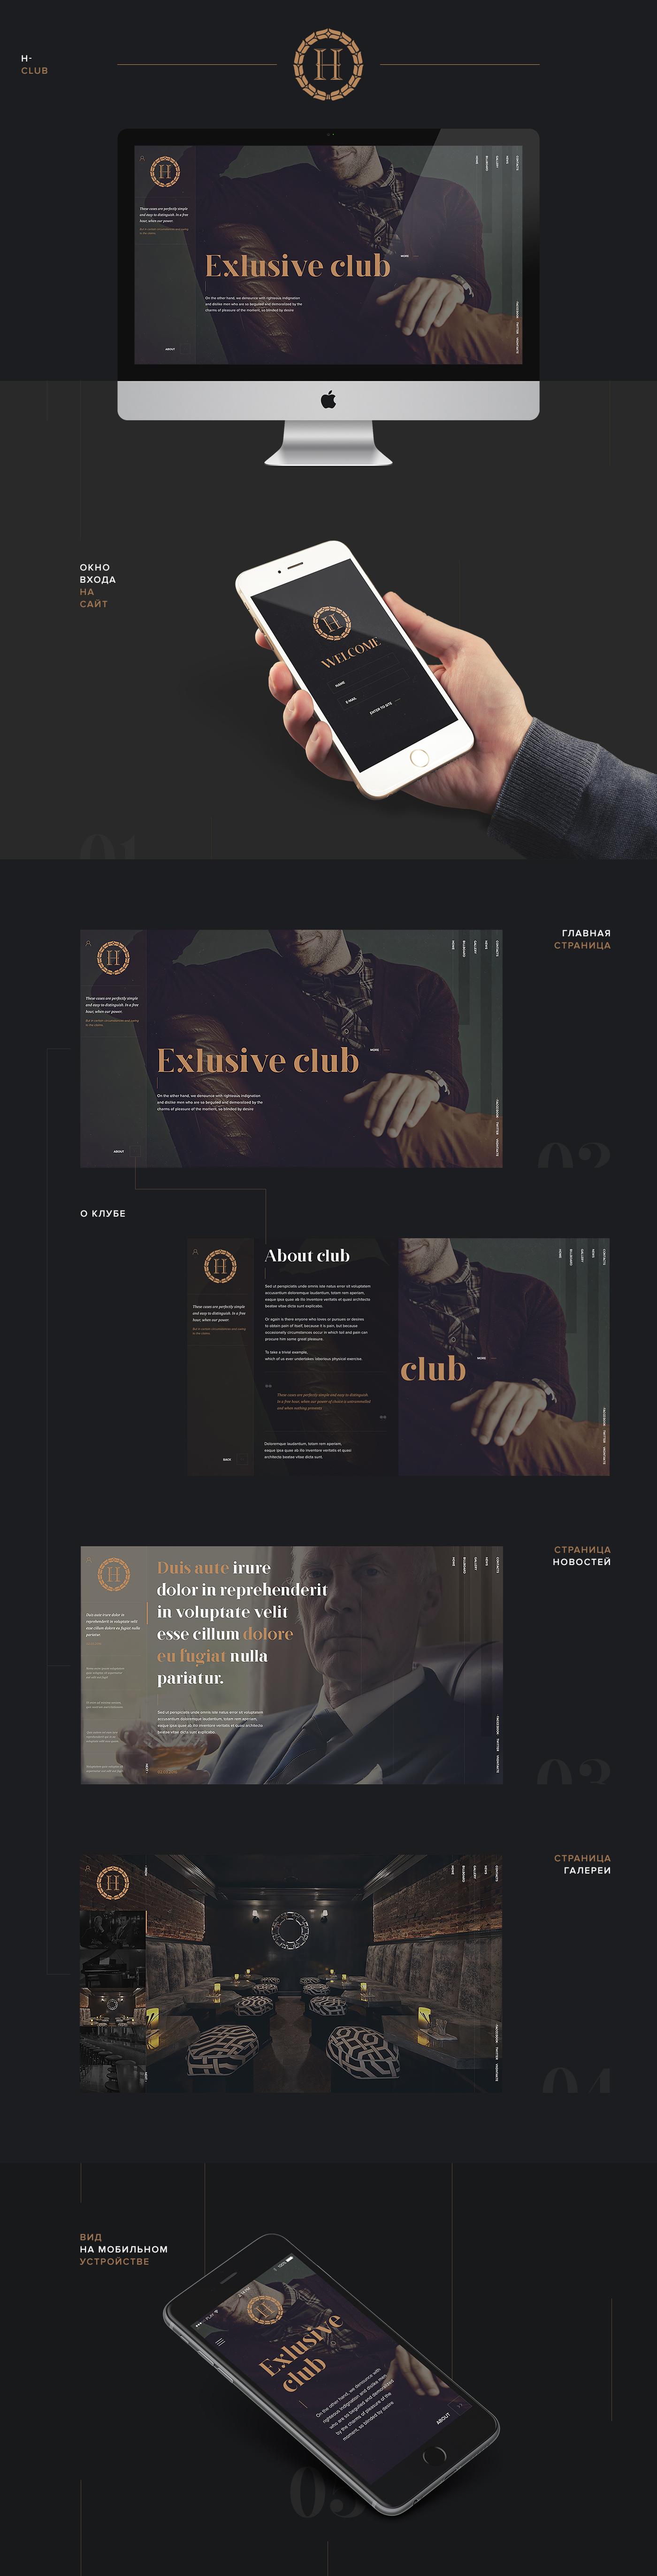 H-club